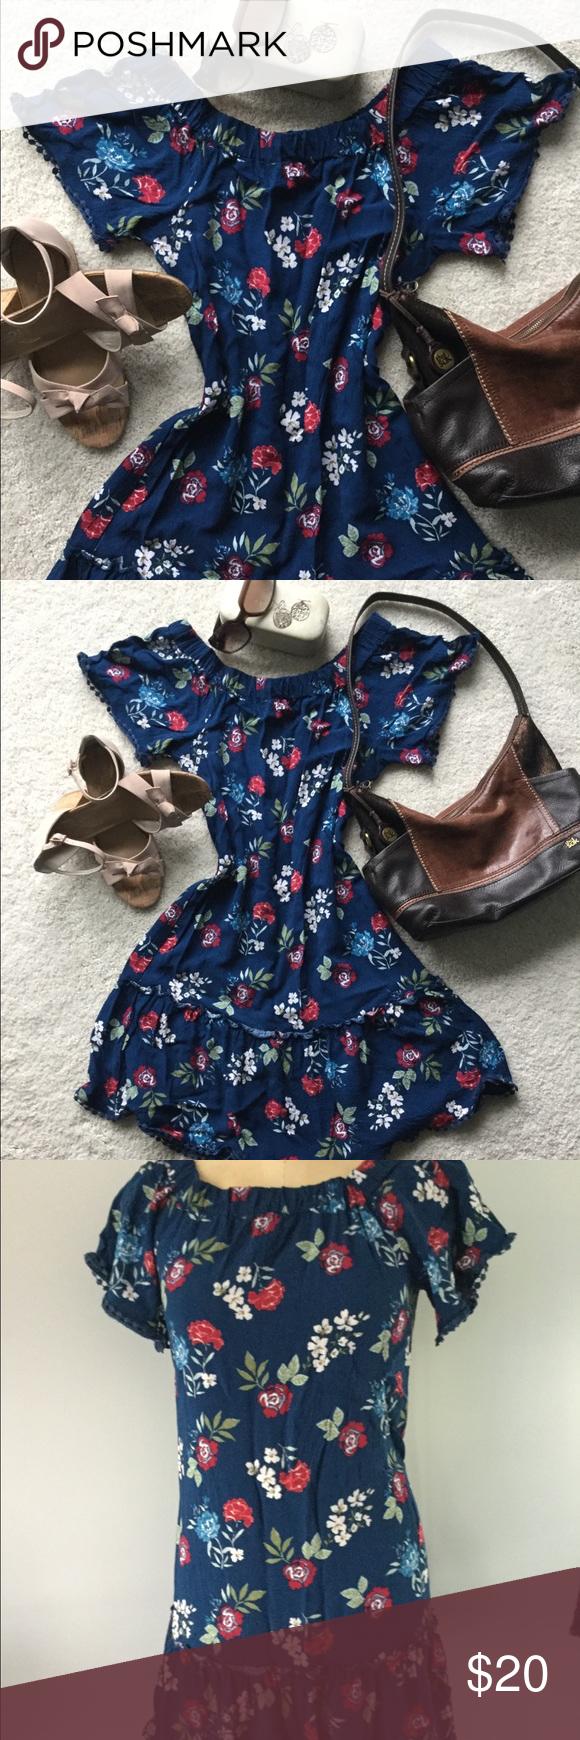 Floral Summer Dress Floral Dress Summer Summer Dresses Dresses [ 1740 x 580 Pixel ]